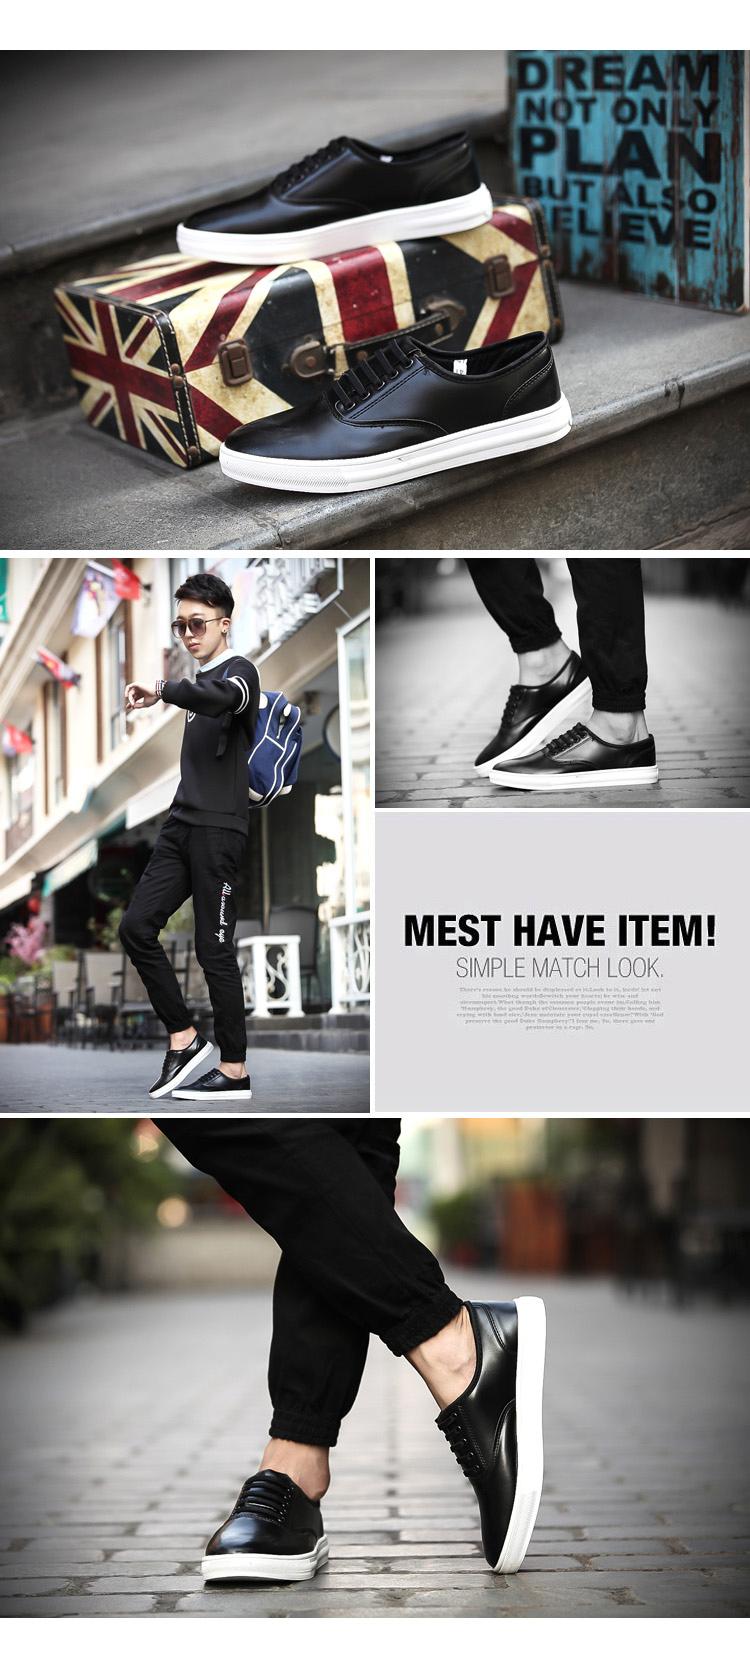 Mẫu giày nam phong cách causal đơn giản đang được ưa chuộng nhất Mua Bán Sỉ Lẻ Order Quảng Châu